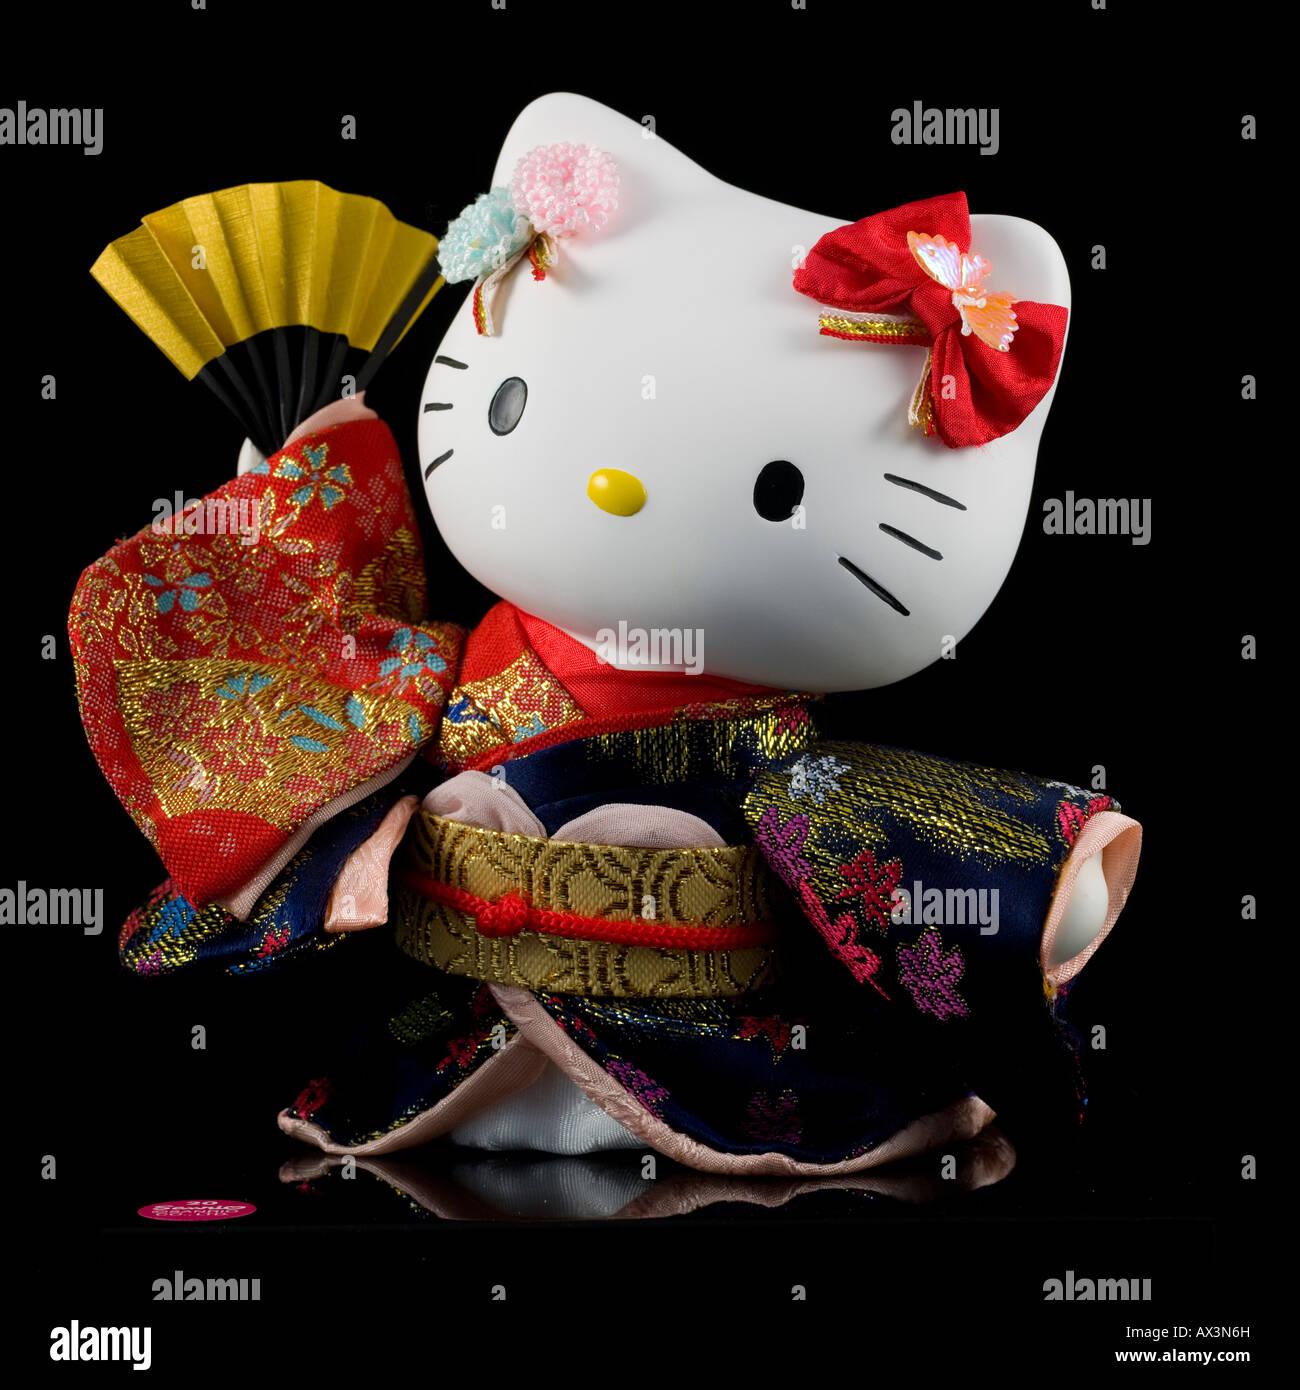 Japanese Hello Kitty Toys : Japanese toy hello kitty with traditional kimono stock